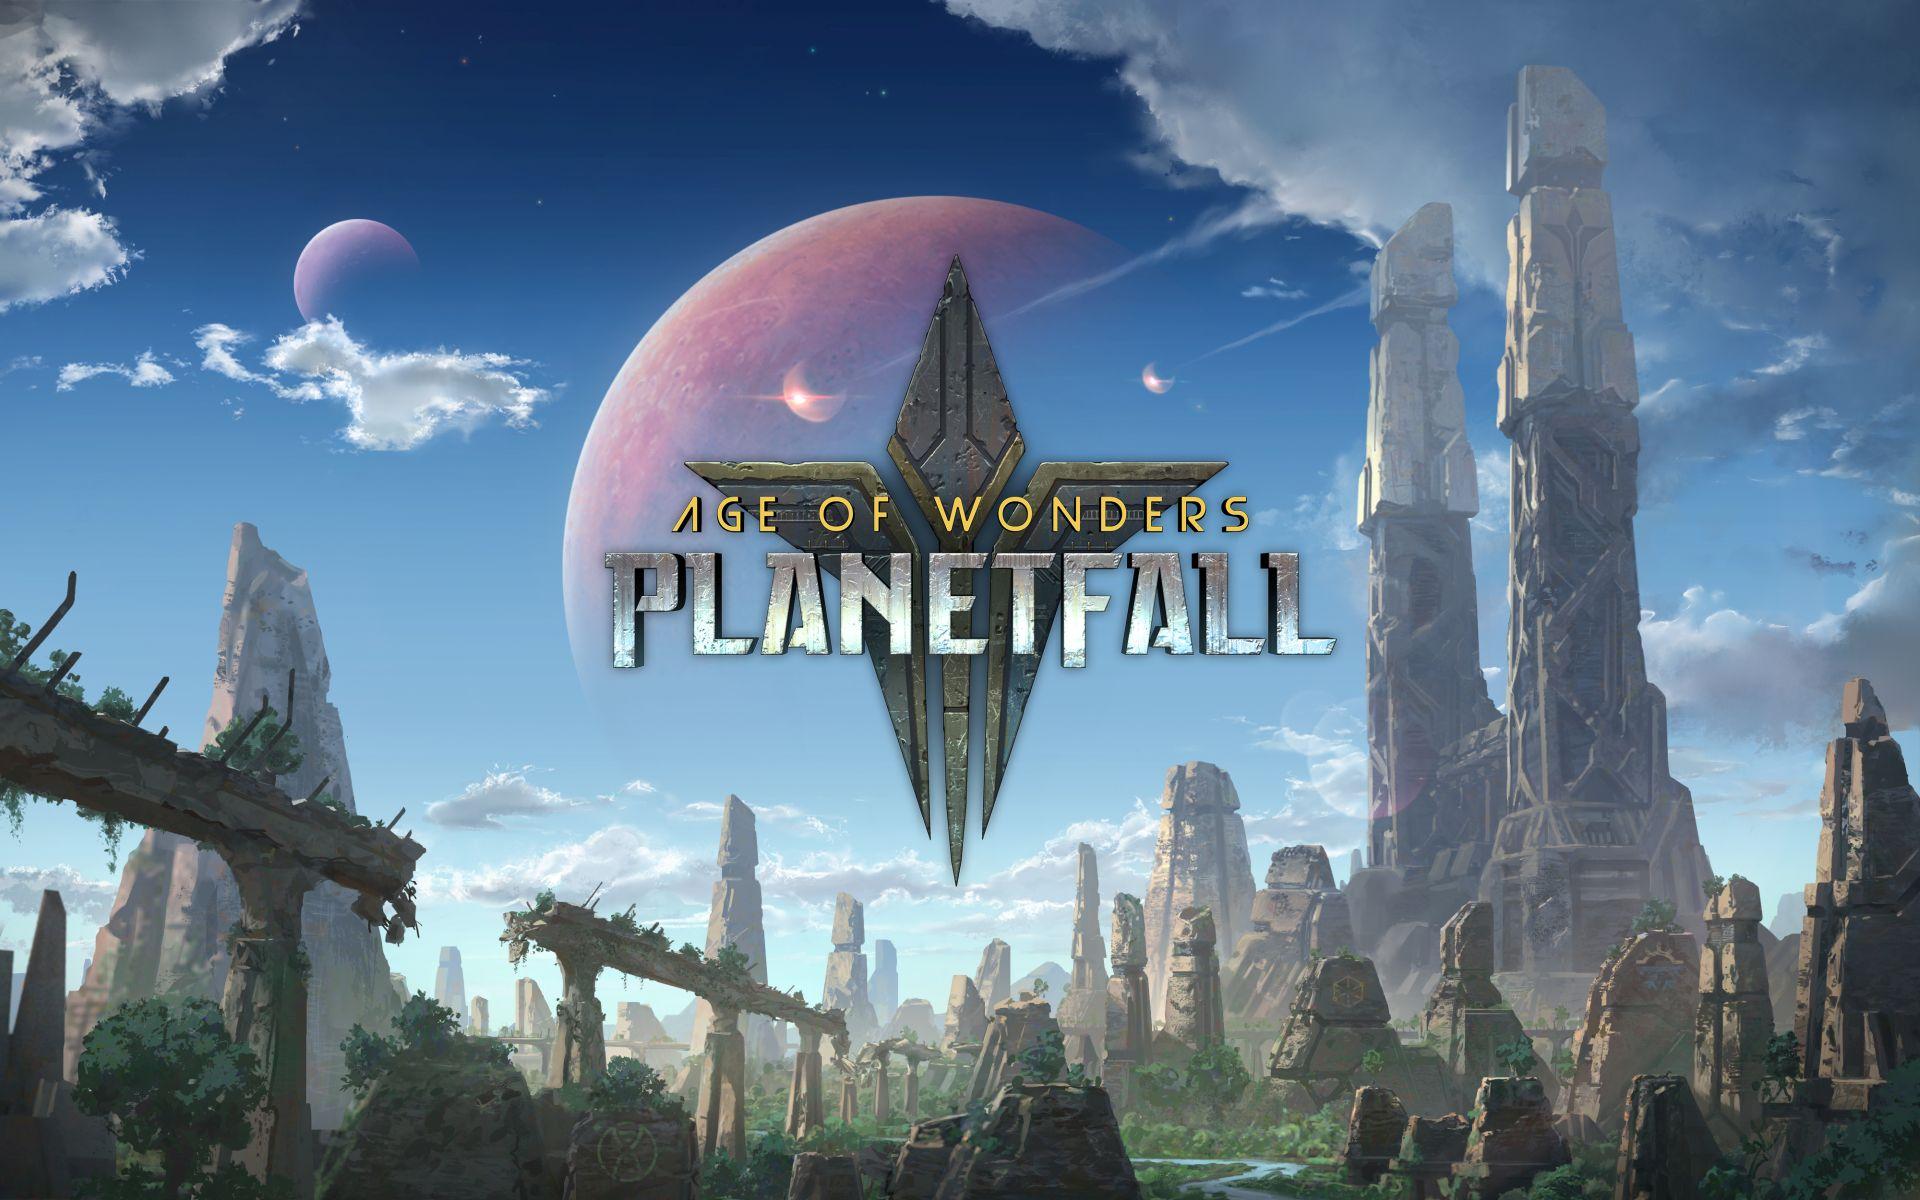 Najavljen Age of Wonders: Planetfall, SF poglavlje serijala